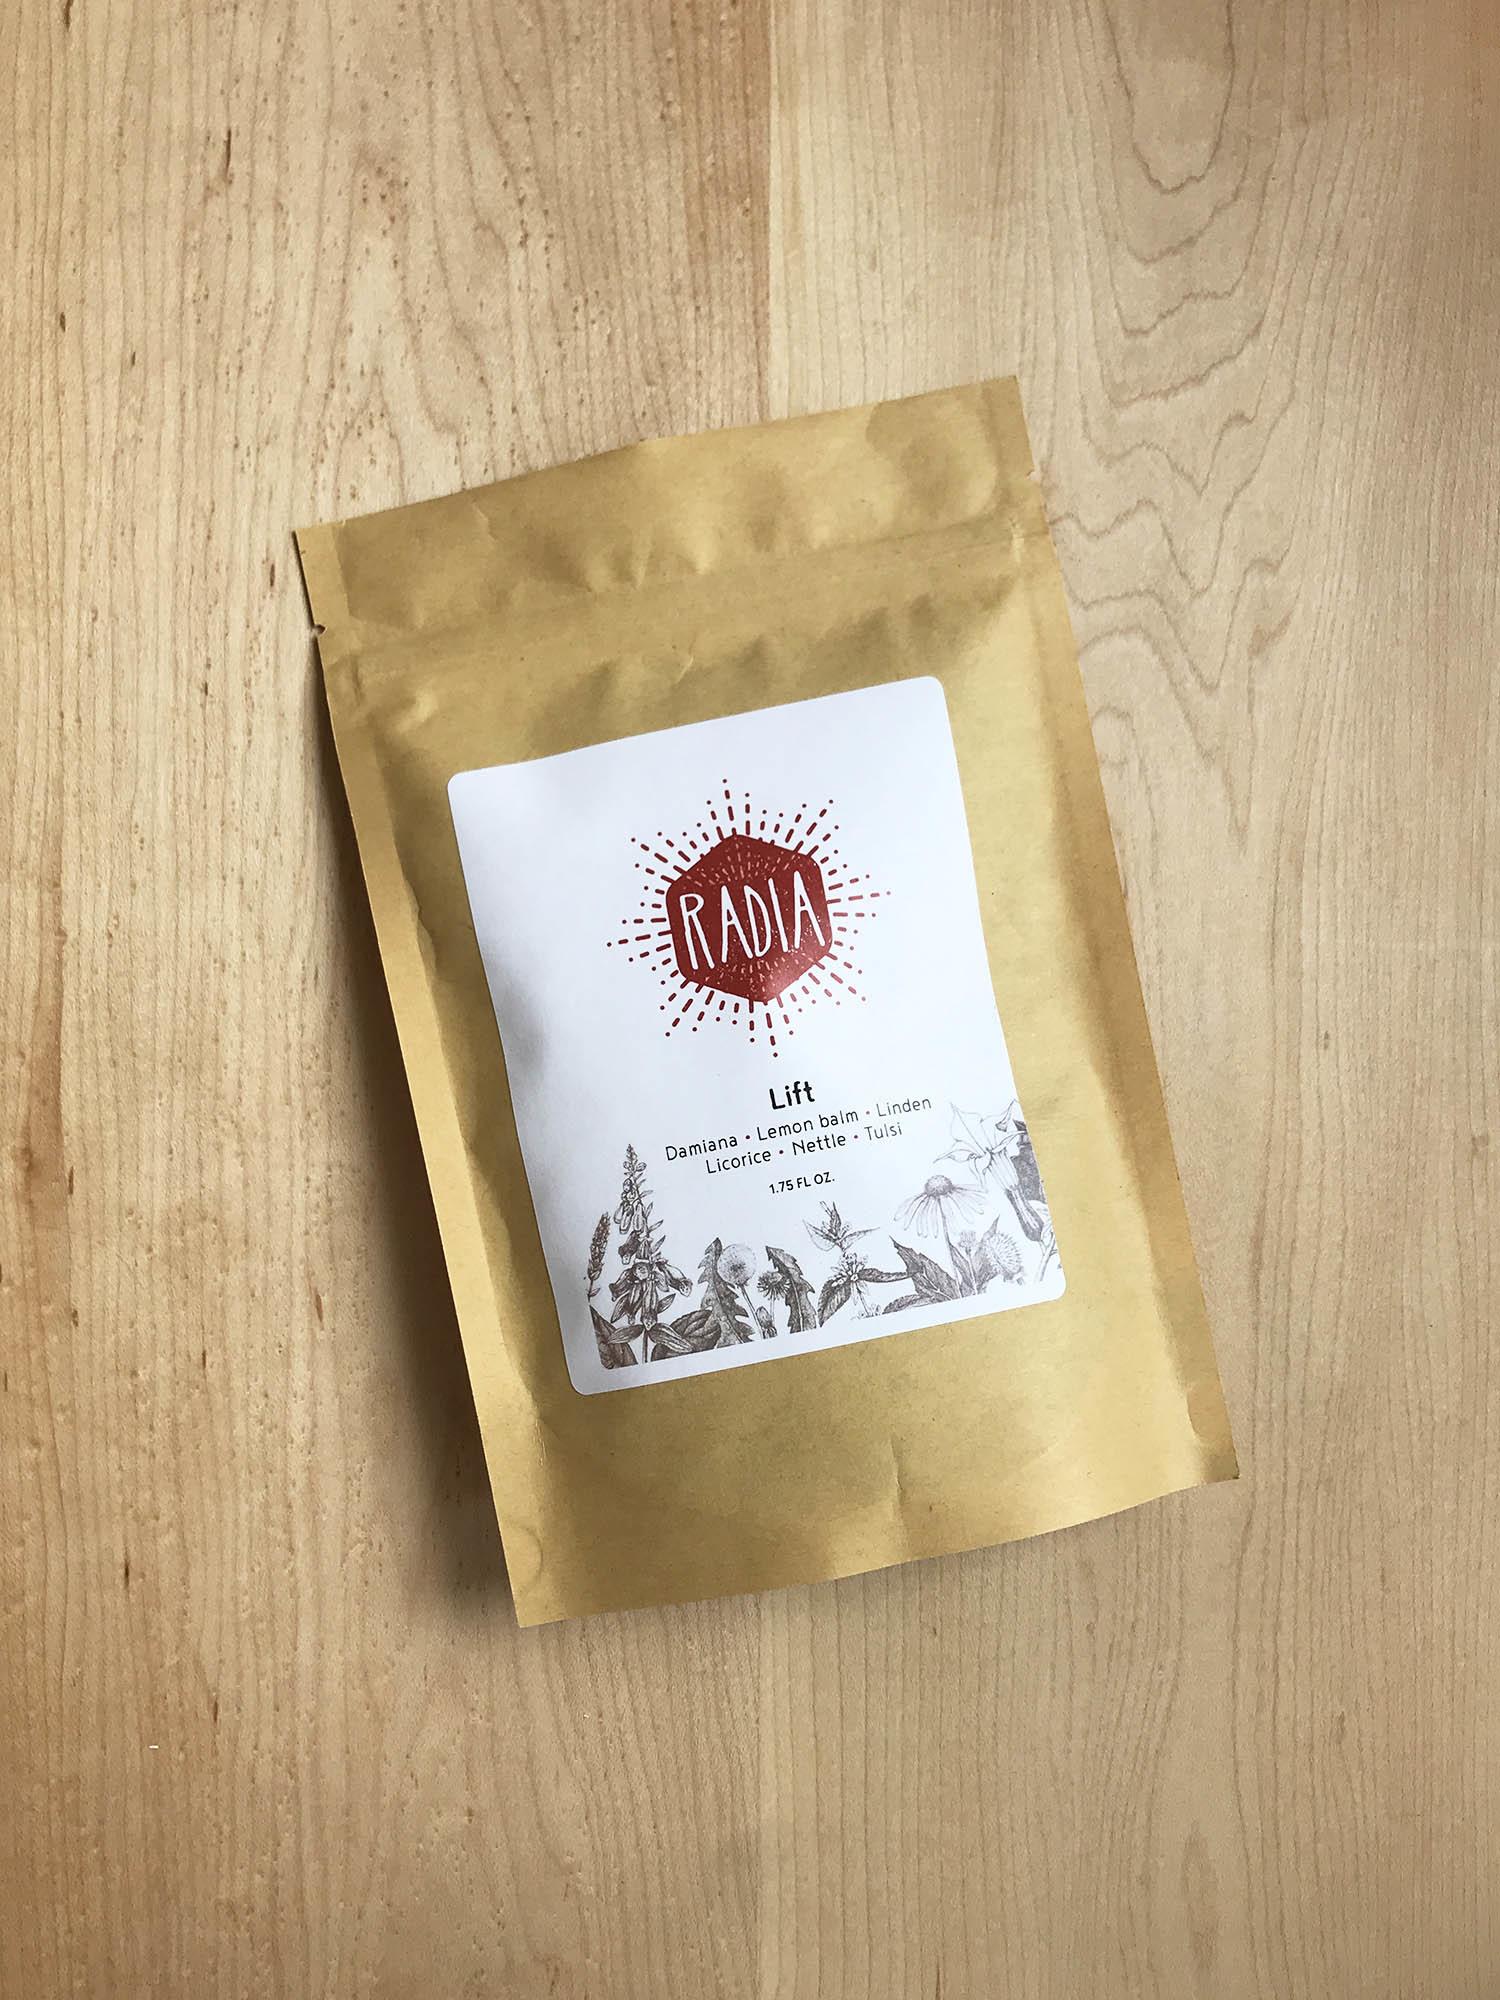 Radia Herbal Teas-3